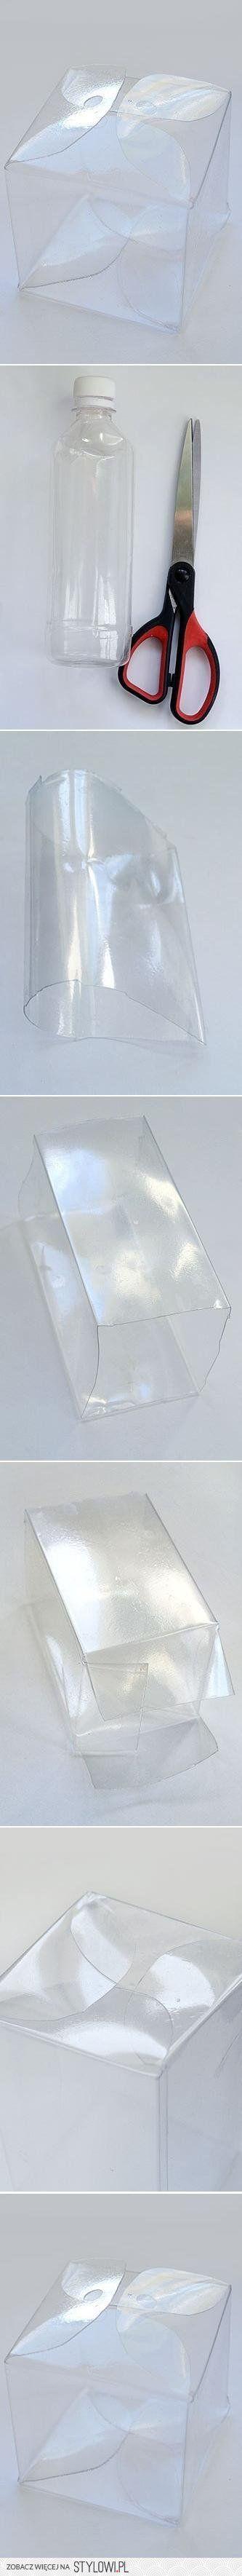 Caja de botella plástica